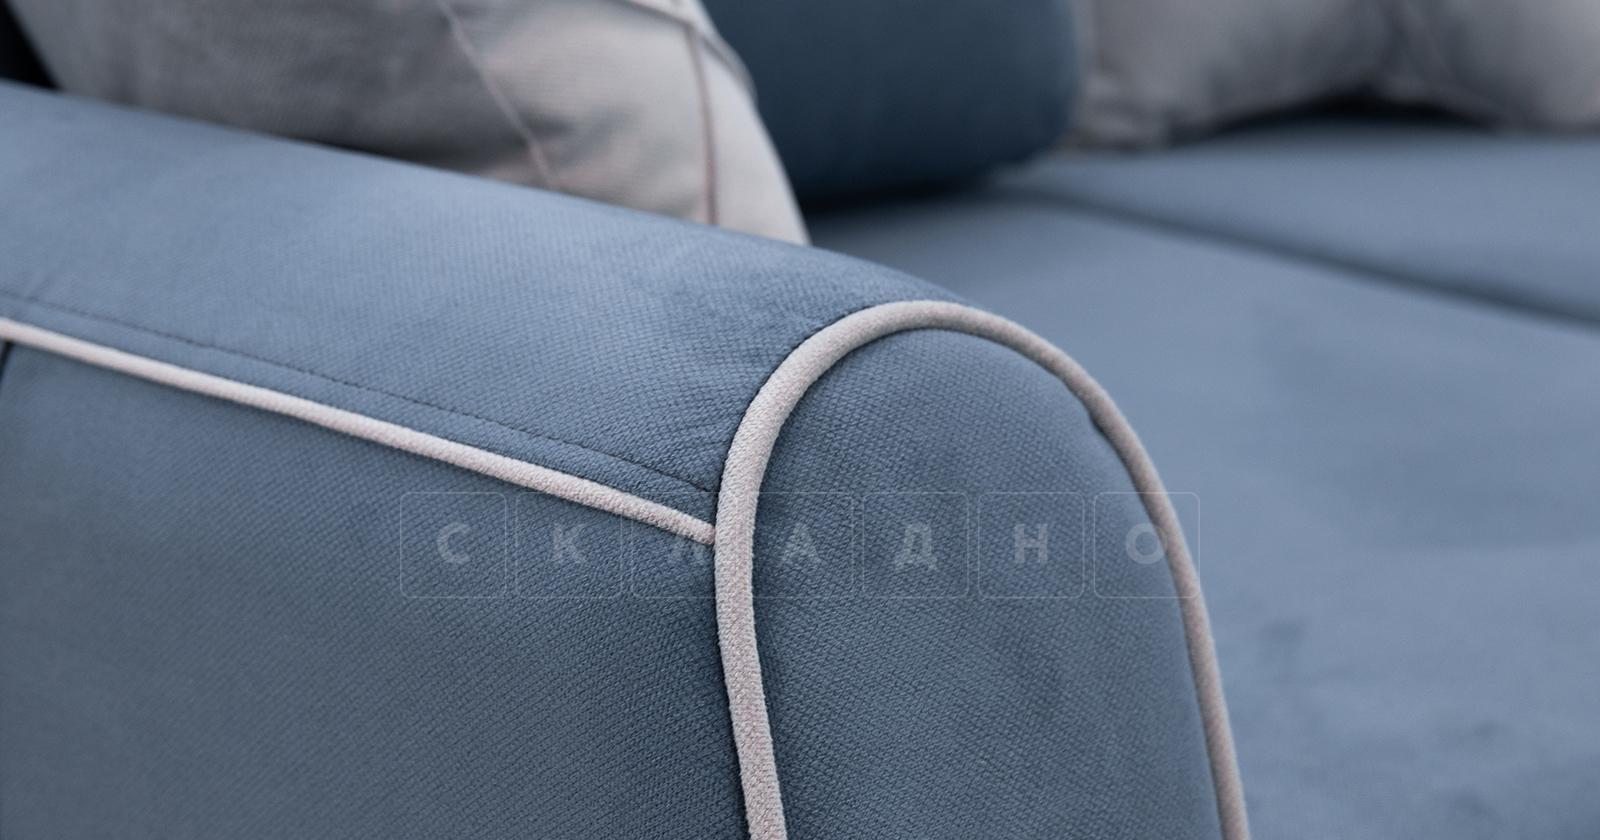 Диван-кровать угловой Флэтфорд серо-синий фото 13 | интернет-магазин Складно